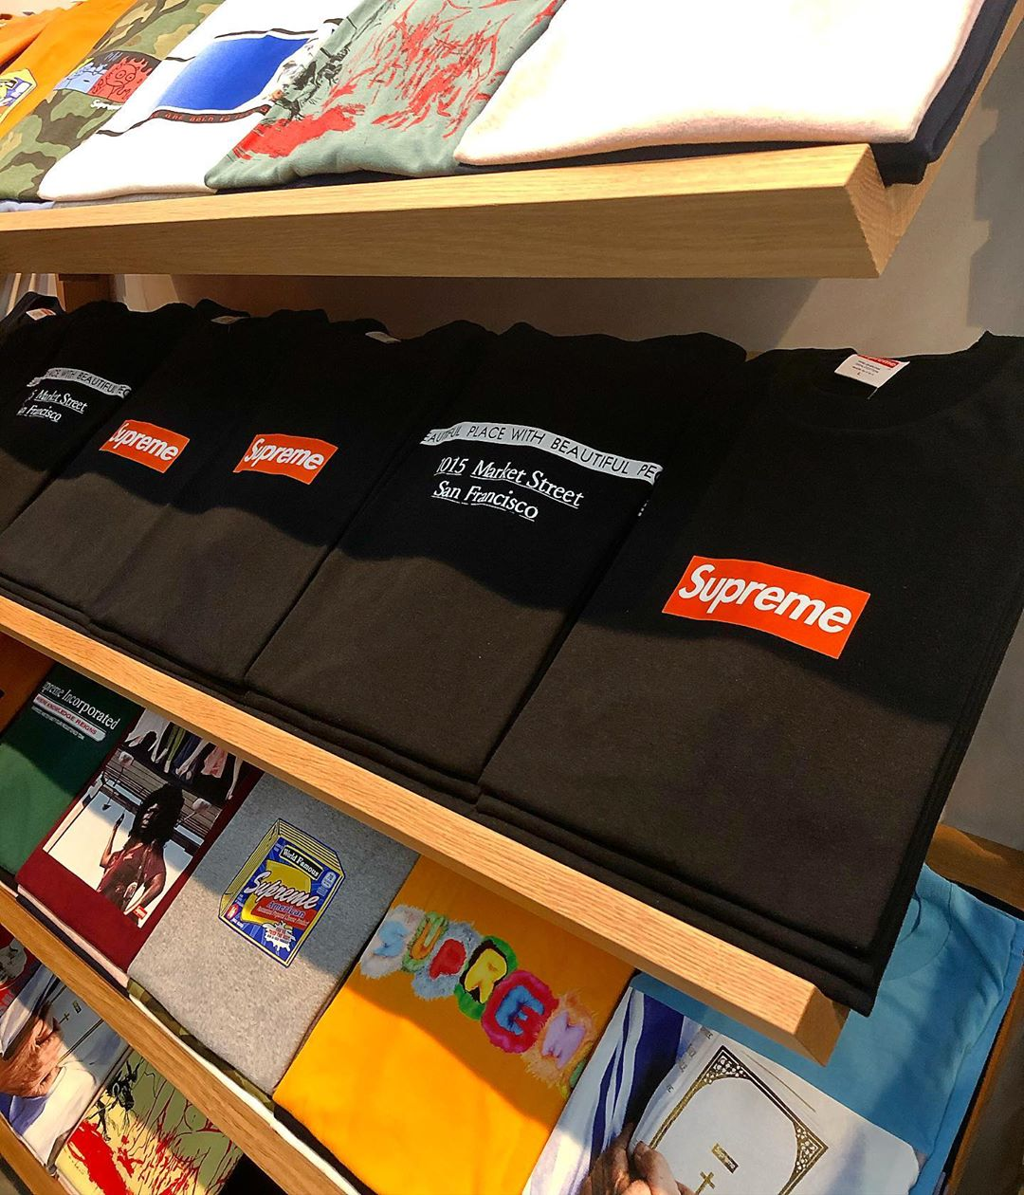 supreme-online-store-19aw-19fw-20191024-week9-san-francisco-opening-box-logo-tee